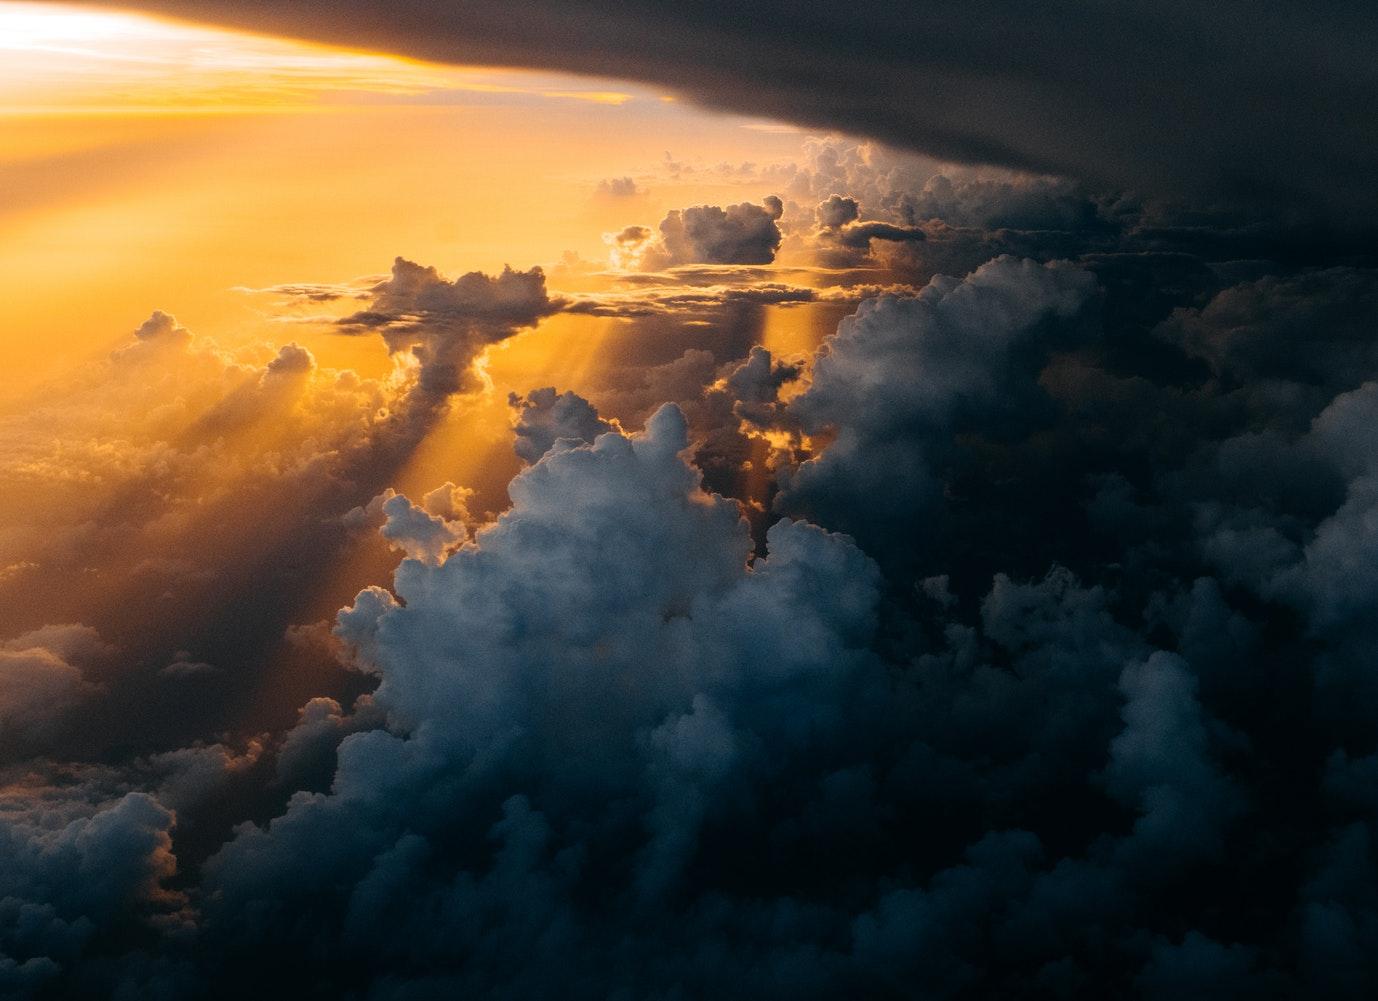 ၂၀၁၉ ခုနှစ်၊ ဖေဖော်ဝါရီလ (၁၅)ရက်နေ့ နံနက်(၇:၀၀)နာရီအချိန် နေ့စဉ်မိုးလေဝသသတင်း ထုတ်ပြန်ချက်